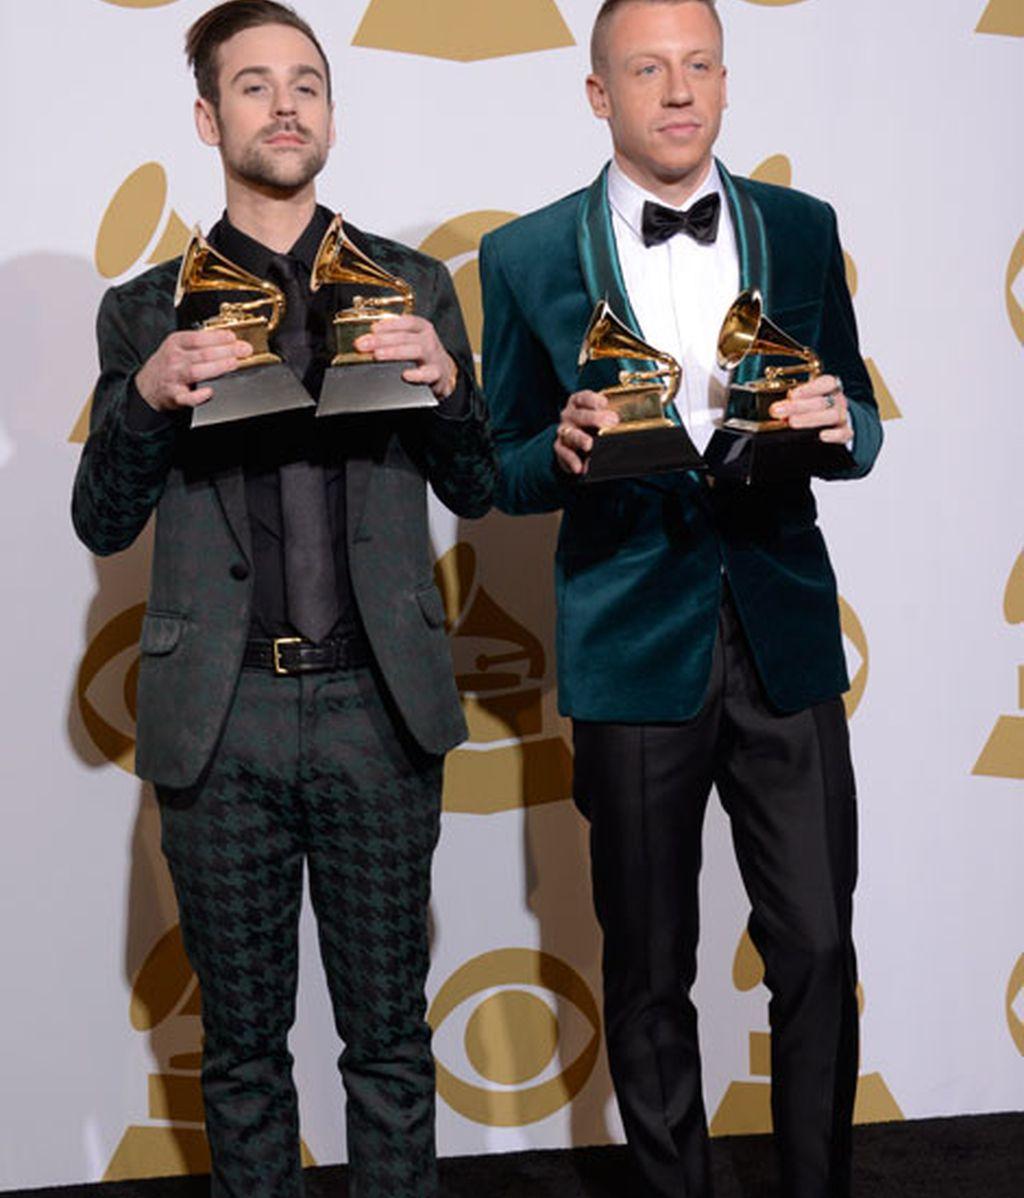 Ryan Lewis y Macklemore, triunfadores en las categorías de rap